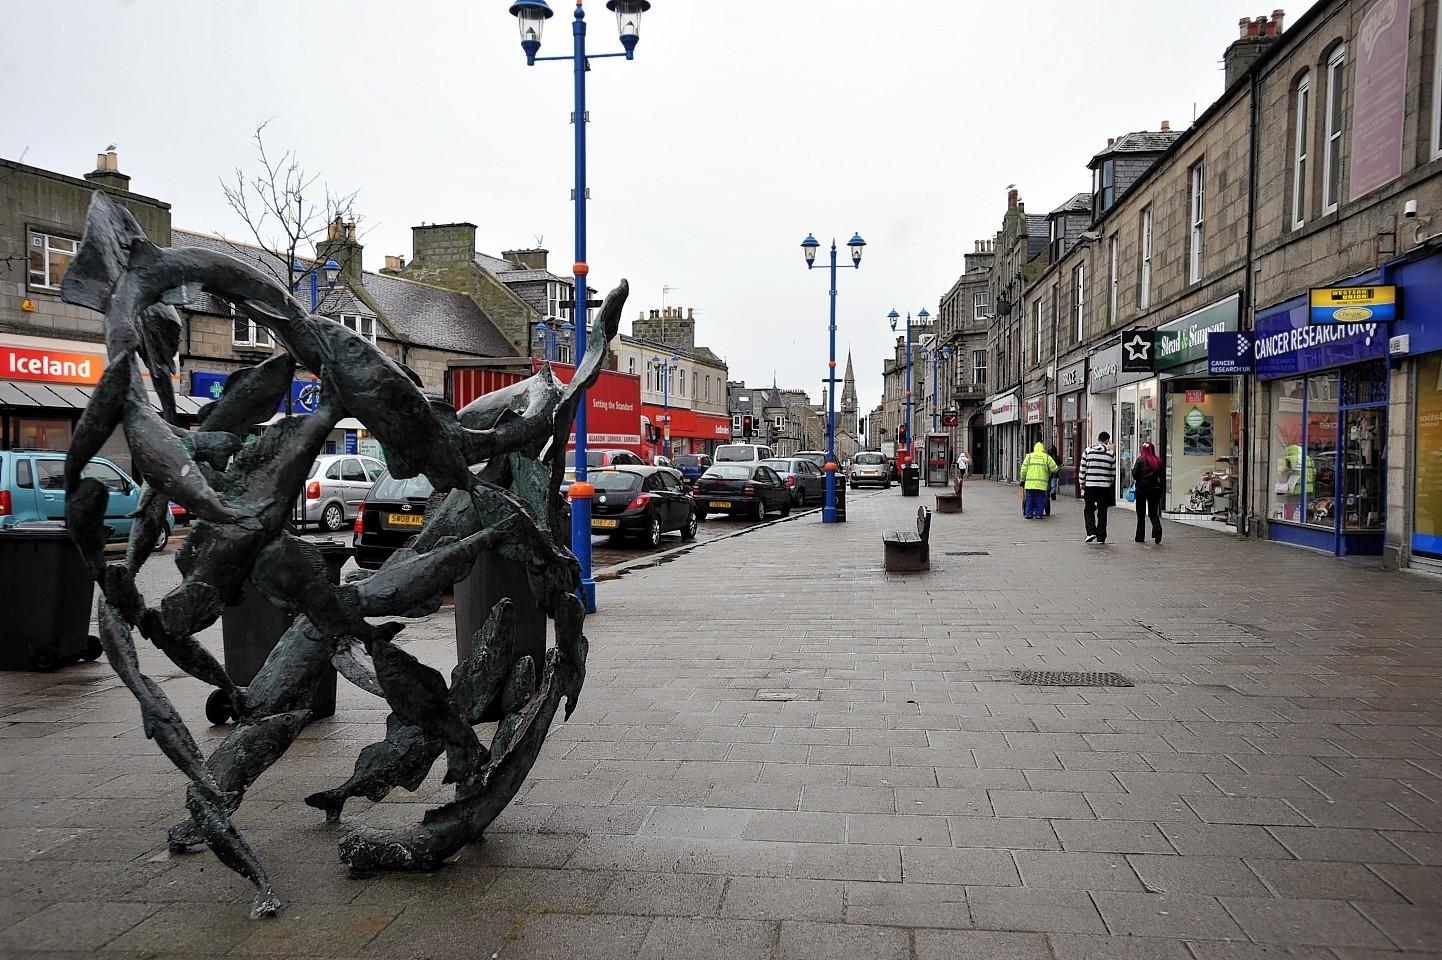 Jobs in Aberdeenshire - mendeley.com